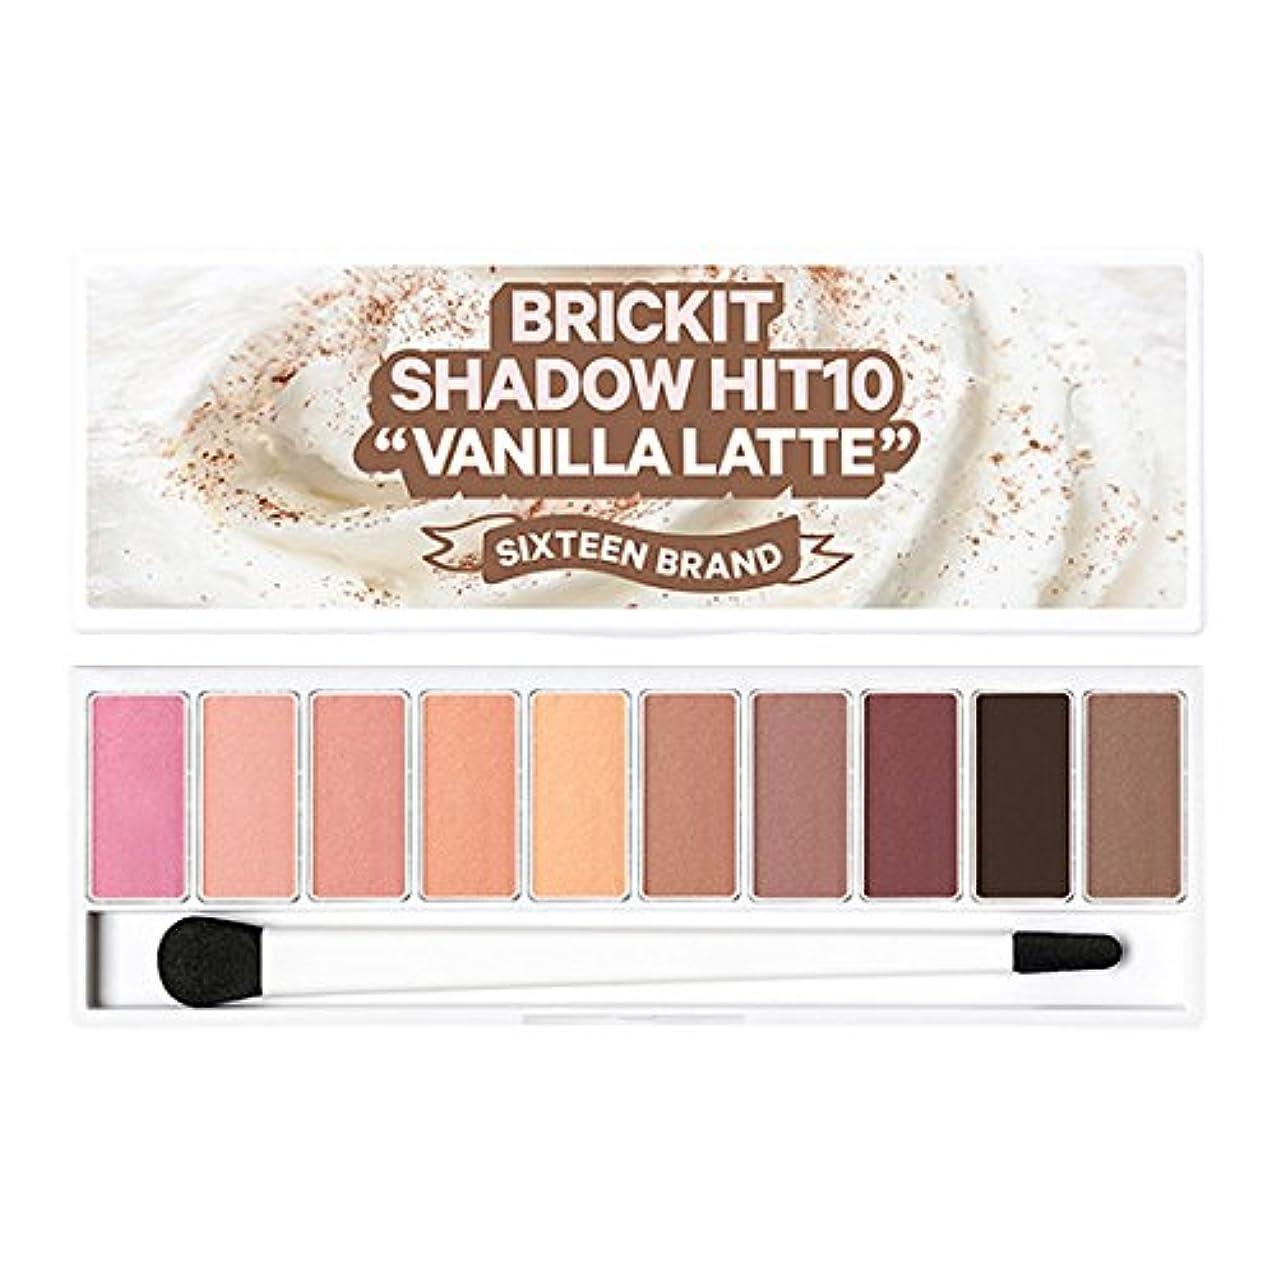 類推の皿16brand Sixteen Brickit Shadow Hit 10 Vanilla Latte 10g/16ブランド シックスティーン ブリックキット シャドウ ヒット 10 バニララテ 10g [並行輸入品]